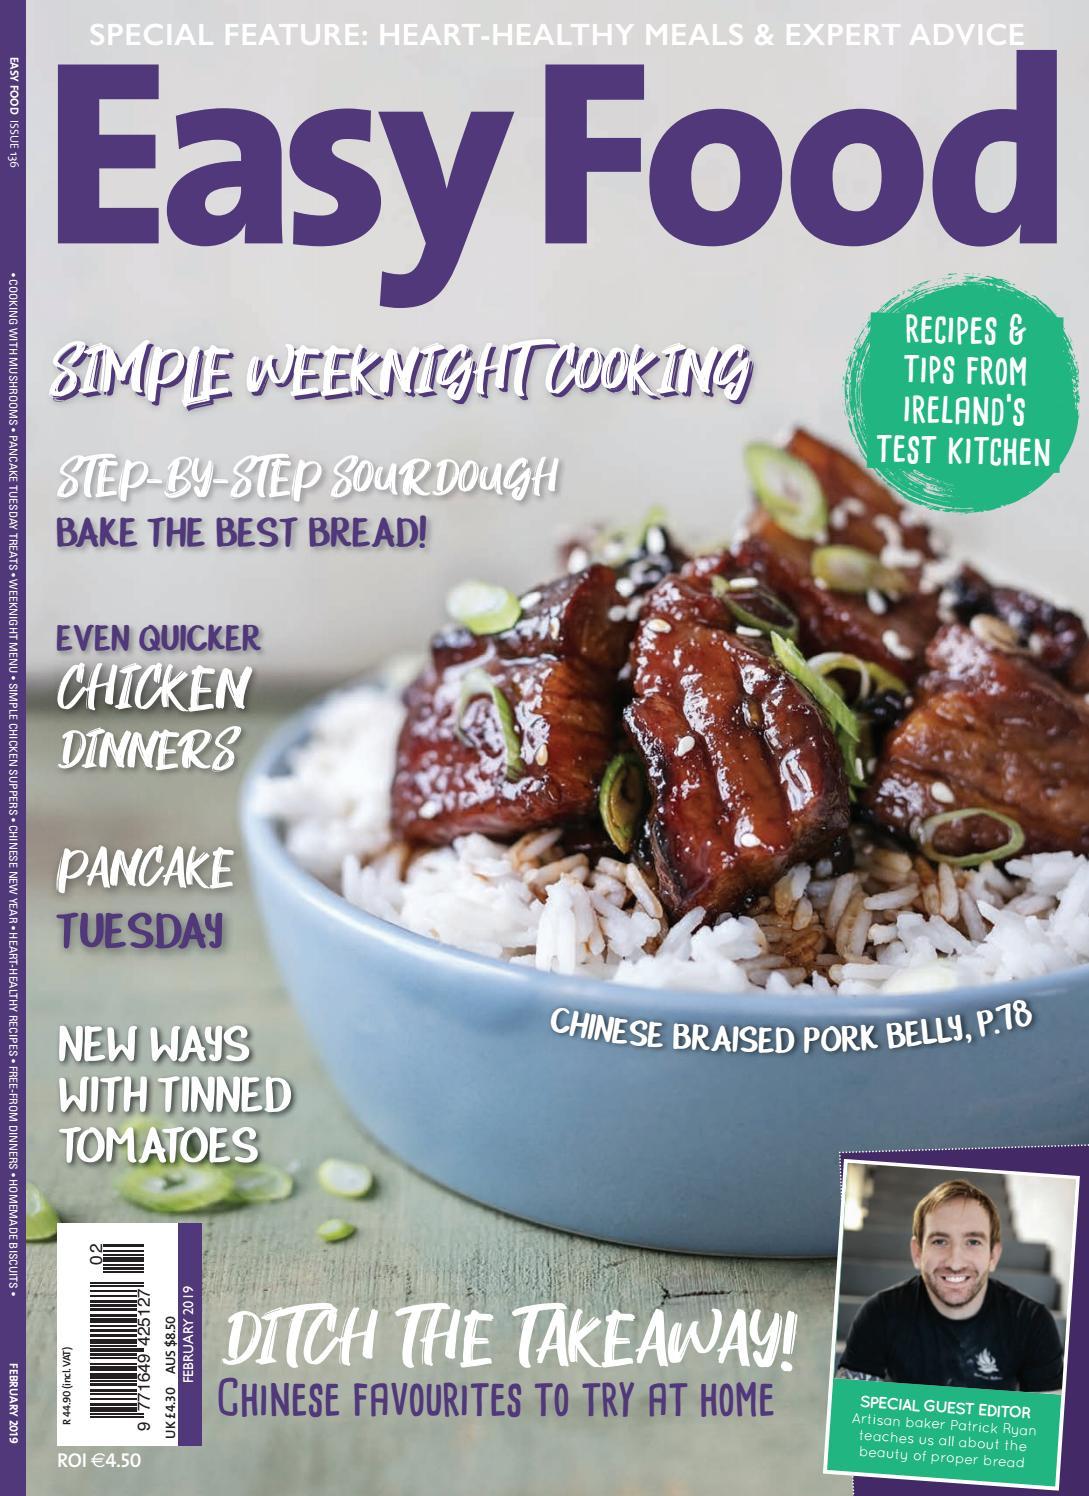 Fantastic food - Review of Lana Tullamore Asian Street Food